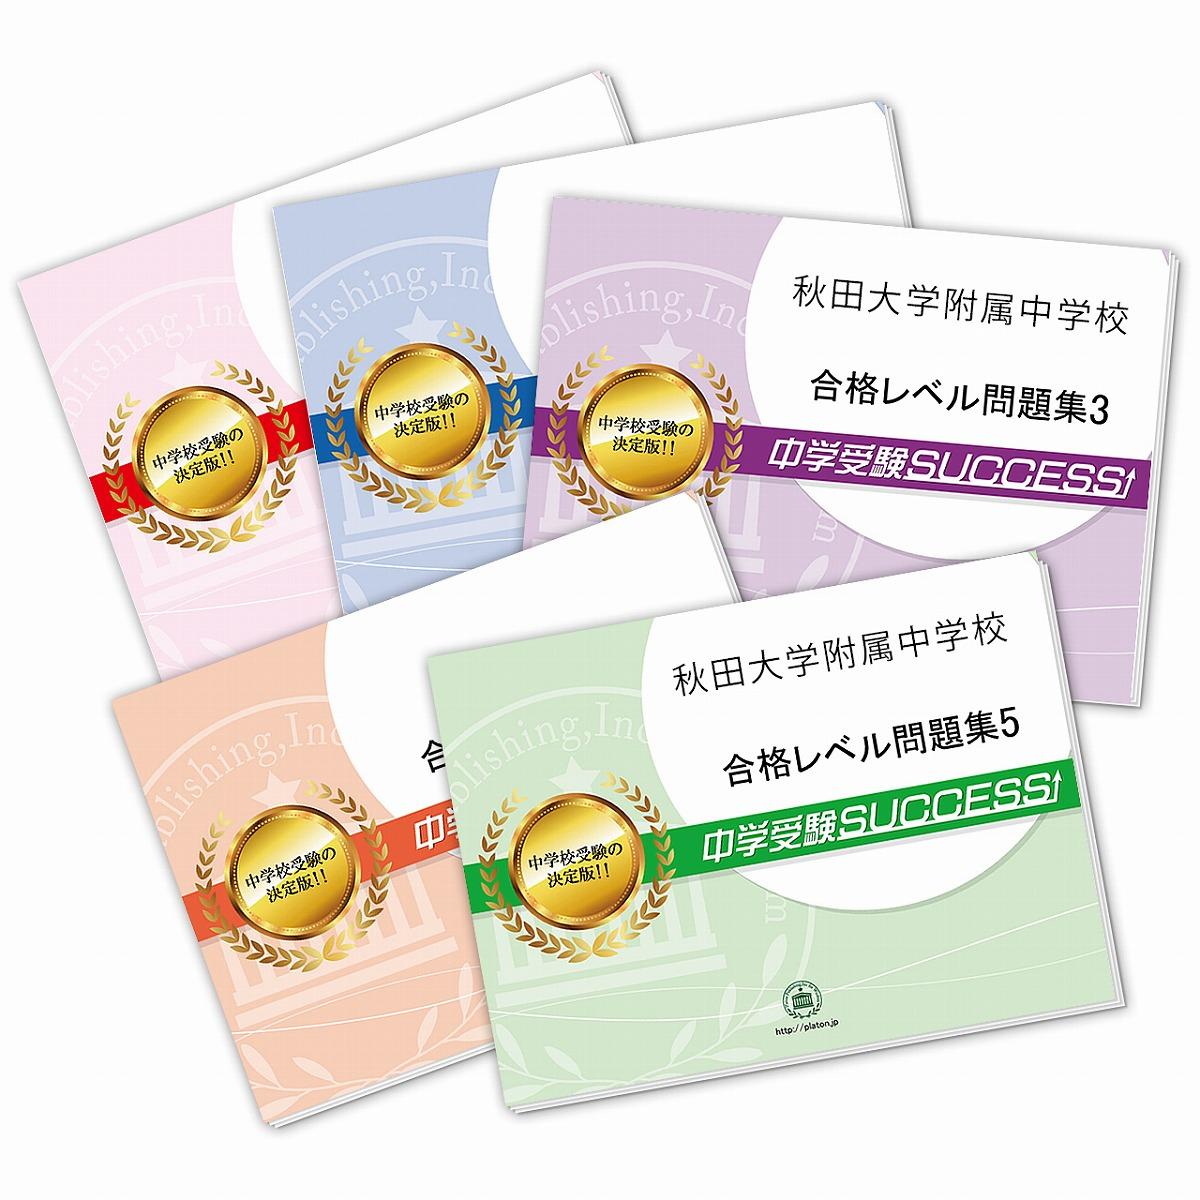 送料 代引手数料無料 秋田大学附属中学校 最安値 直前対策合格セット 5冊 新品未使用